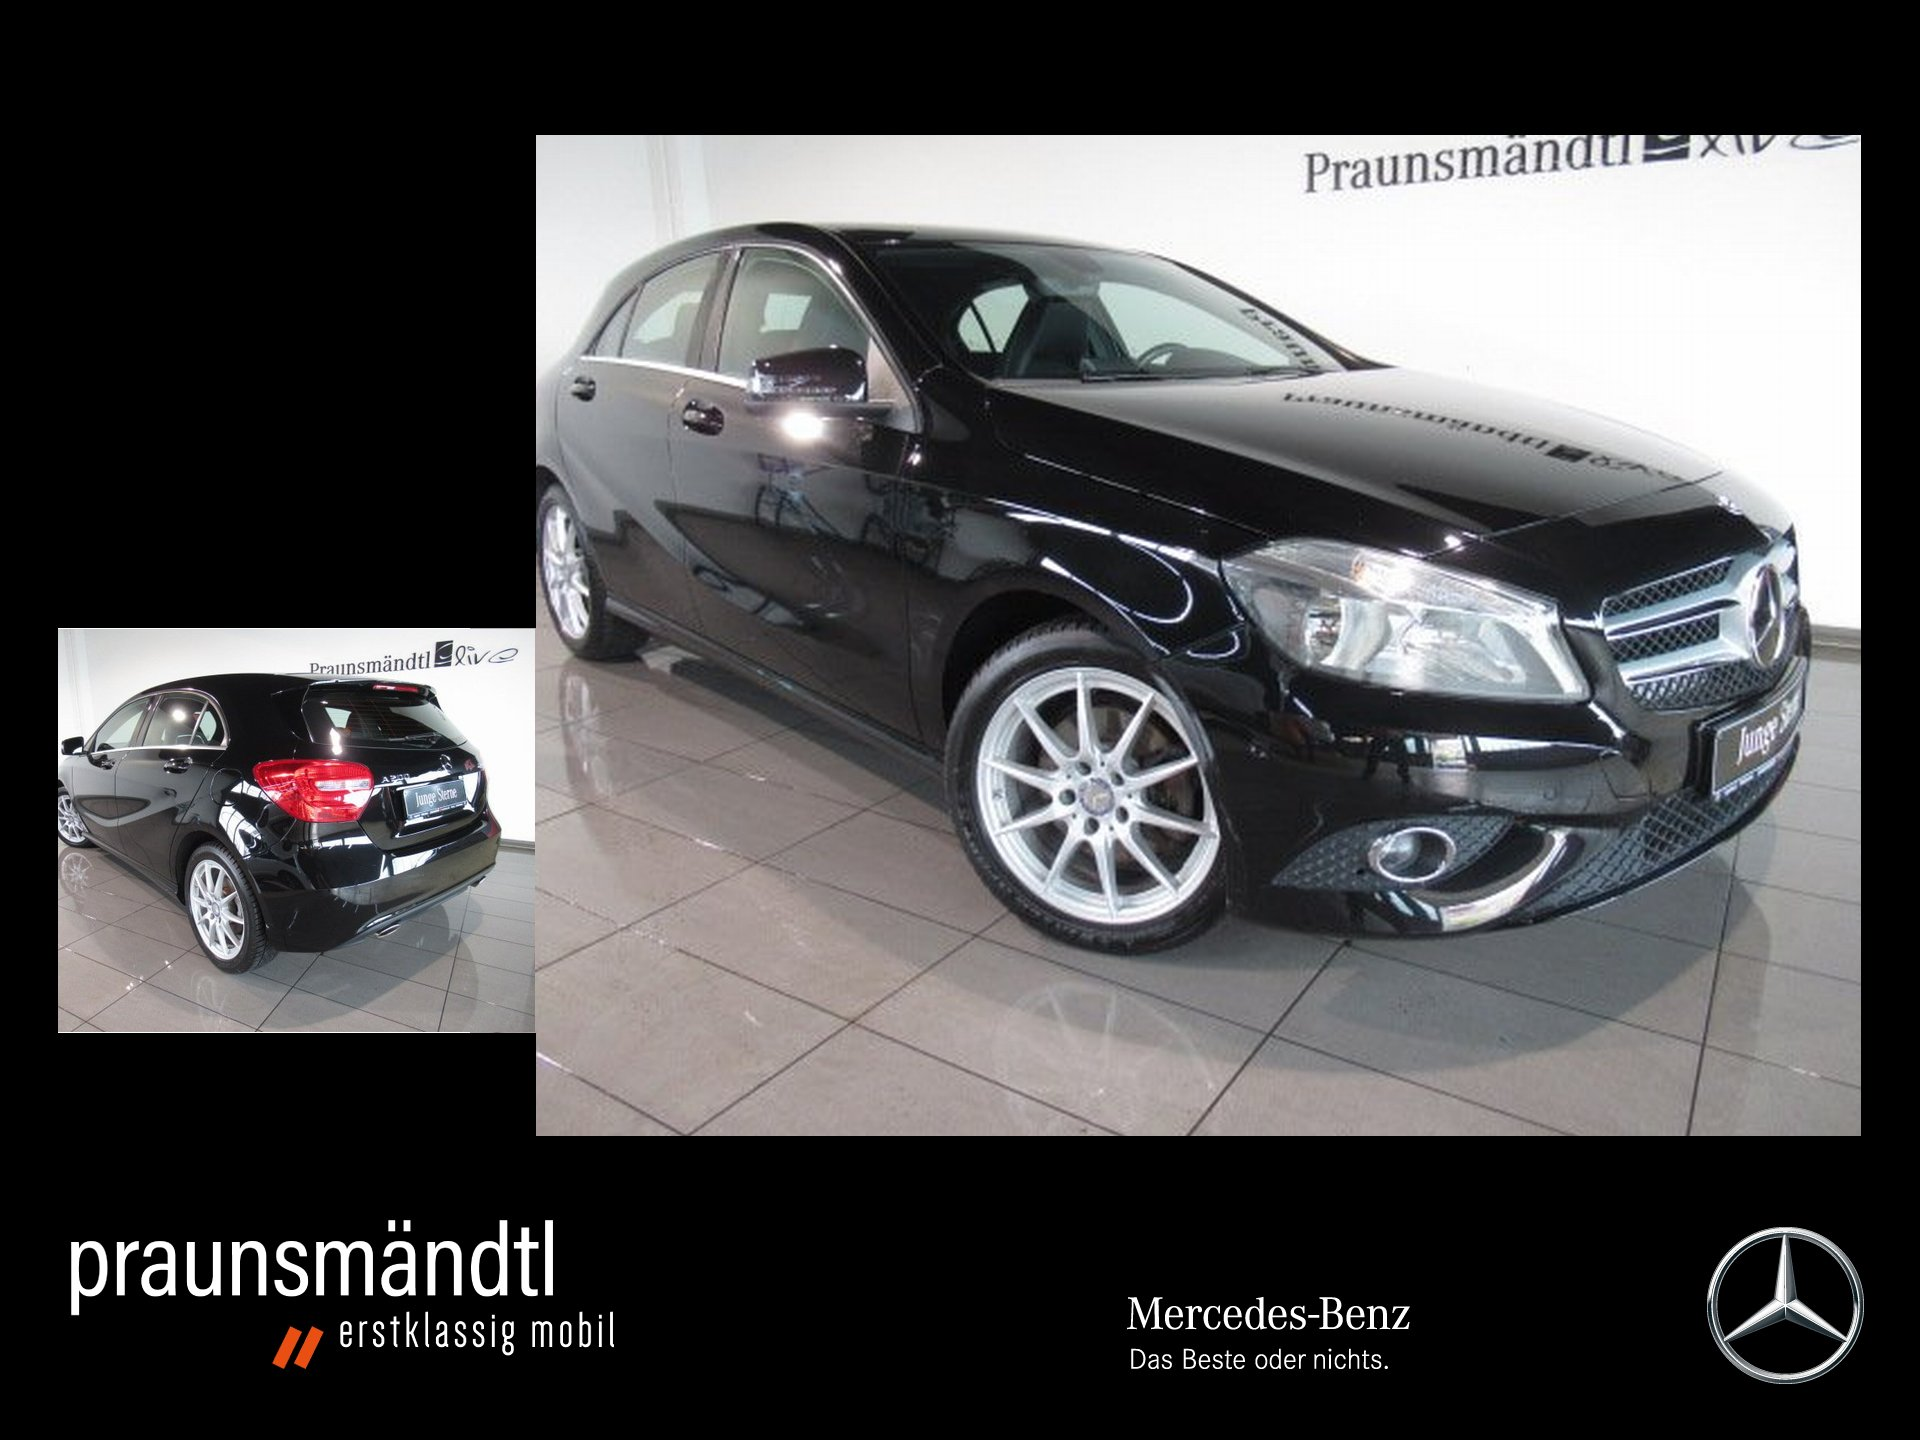 Mercedes-Benz A 200 CDI Urban PTS/Navi/SHZ/LMR 10 Speichen/CD, Jahr 2015, Diesel